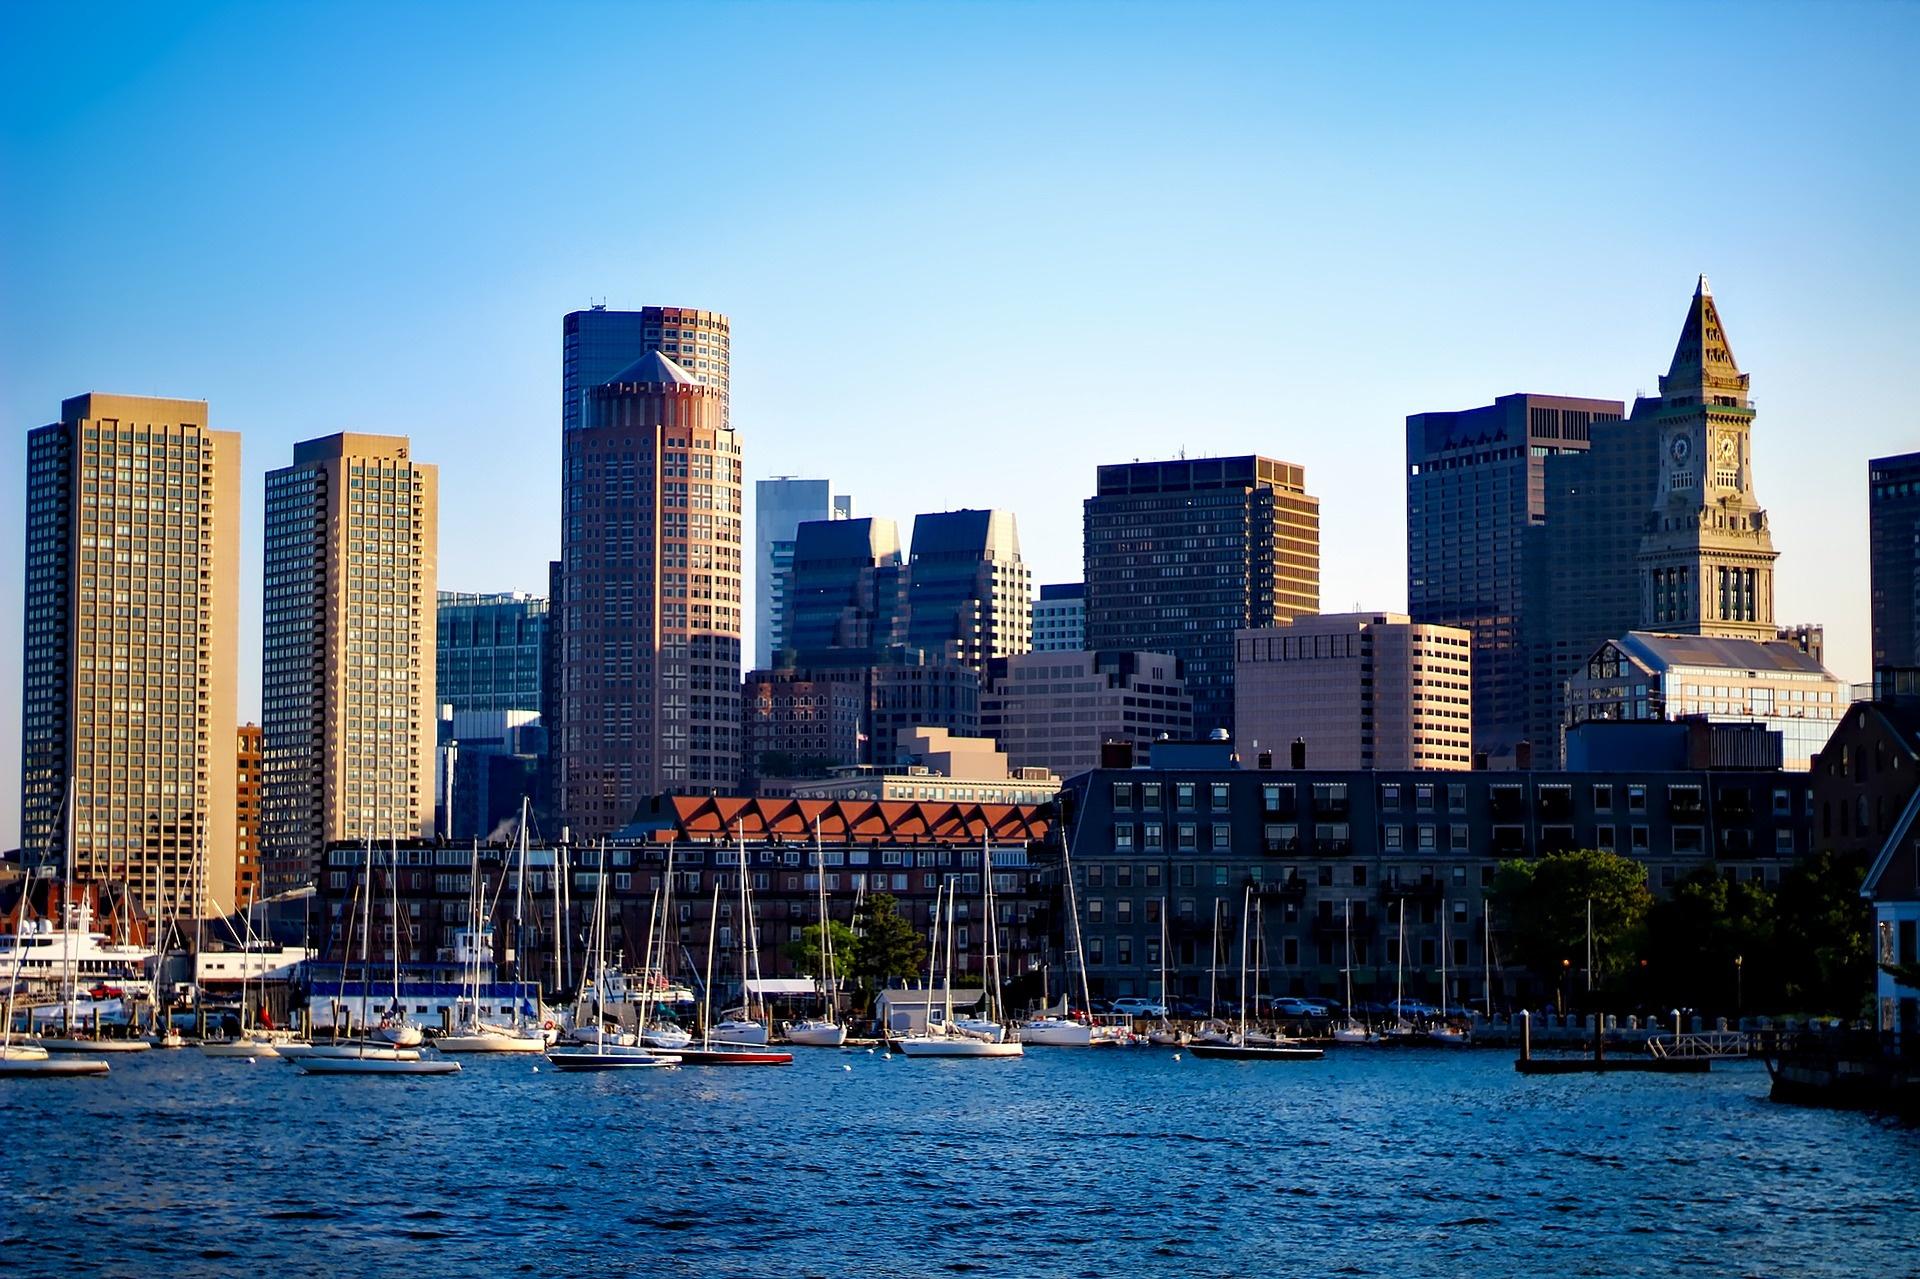 Boston, Massachusetts, YSG Solar